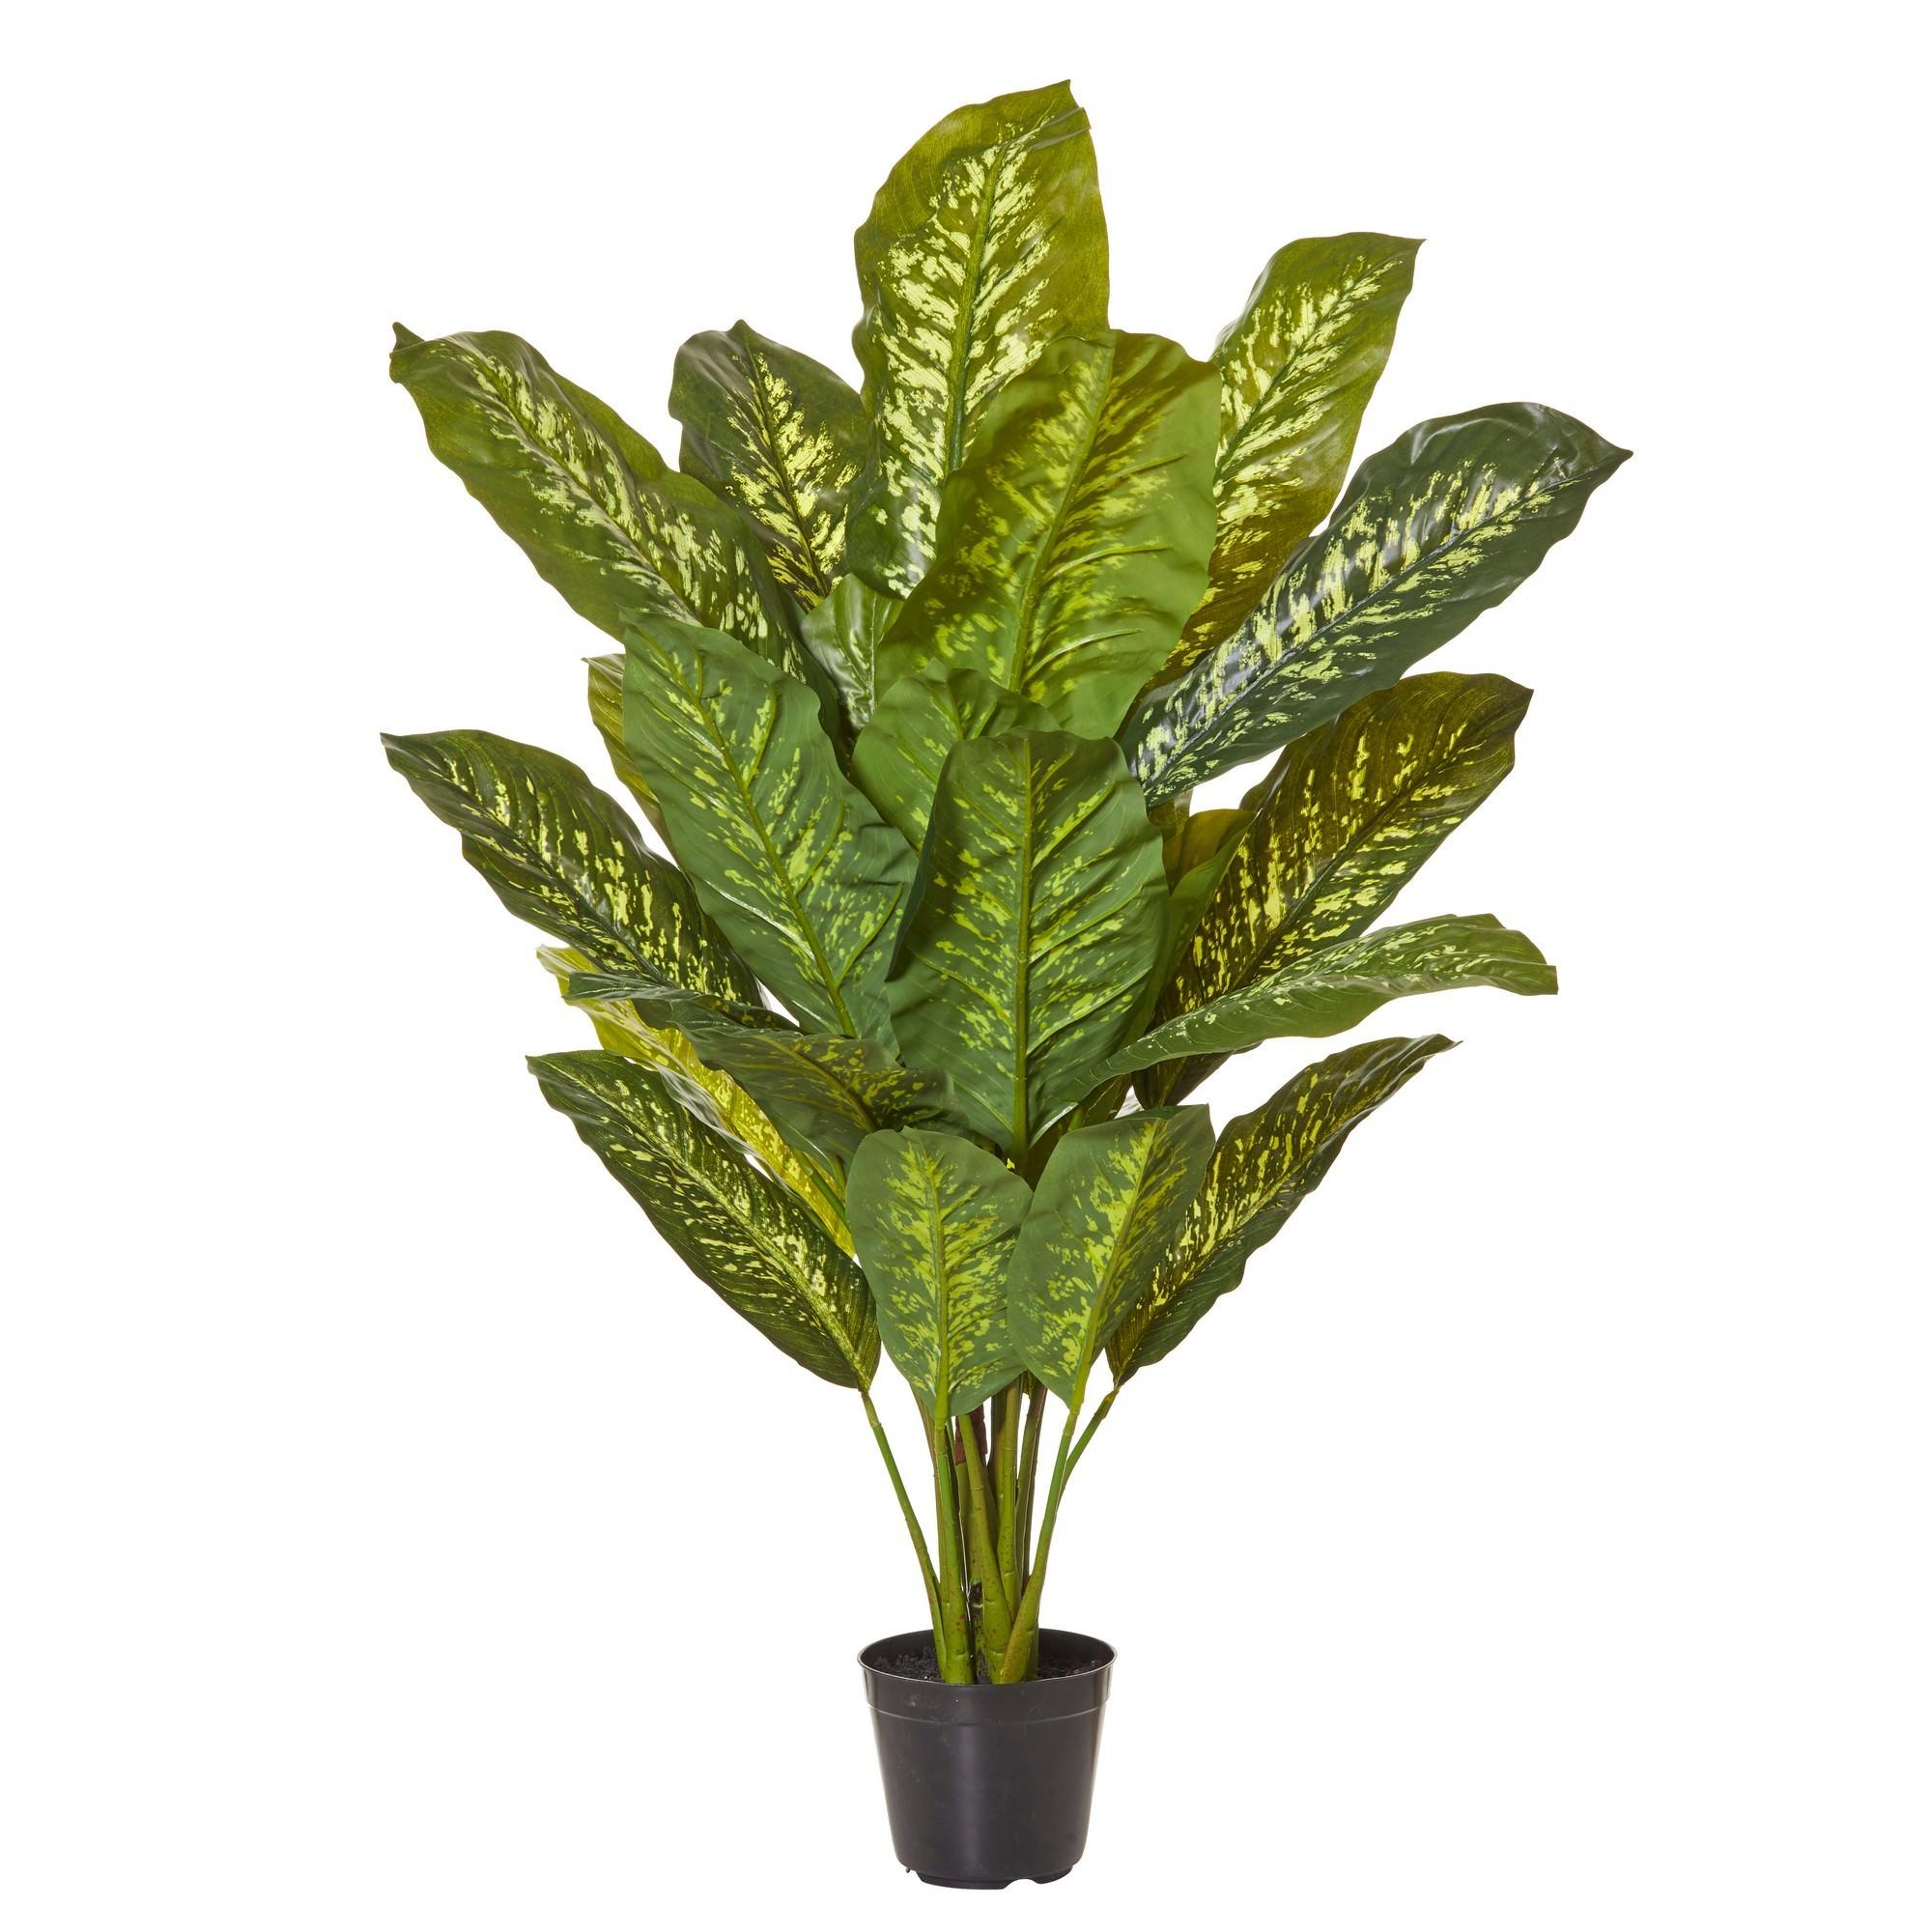 Potted Artificial Dieffenbachia Plant, 112cm